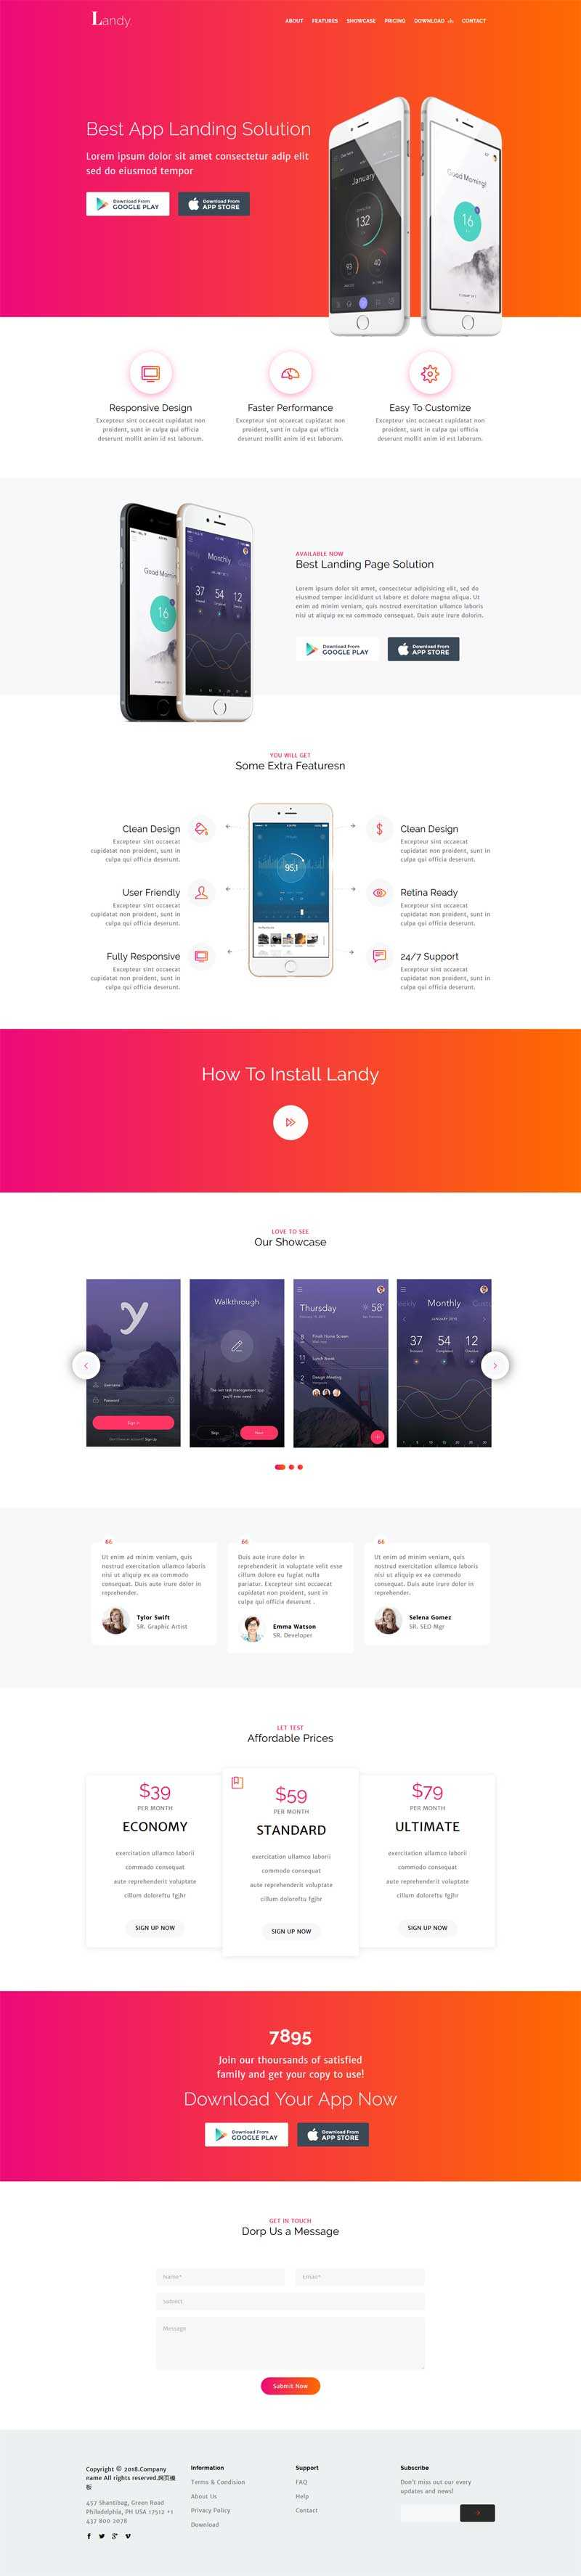 红色的手机app软件介绍官网下载模板